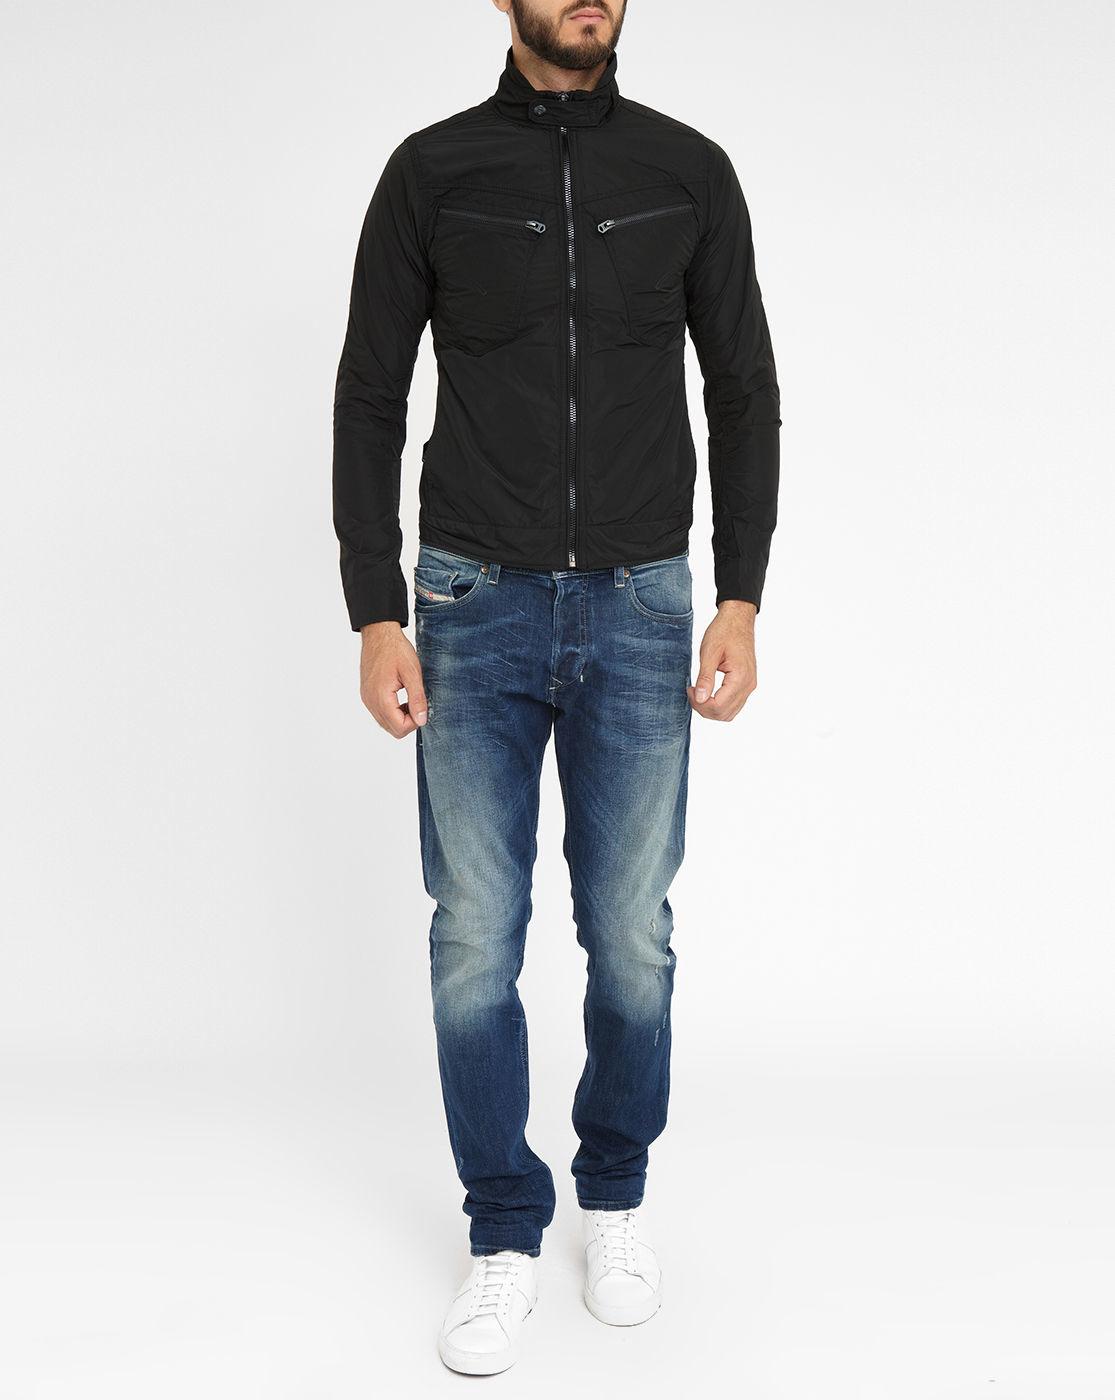 g star raw black arc zip 3d slim fit jacket in black for men lyst. Black Bedroom Furniture Sets. Home Design Ideas